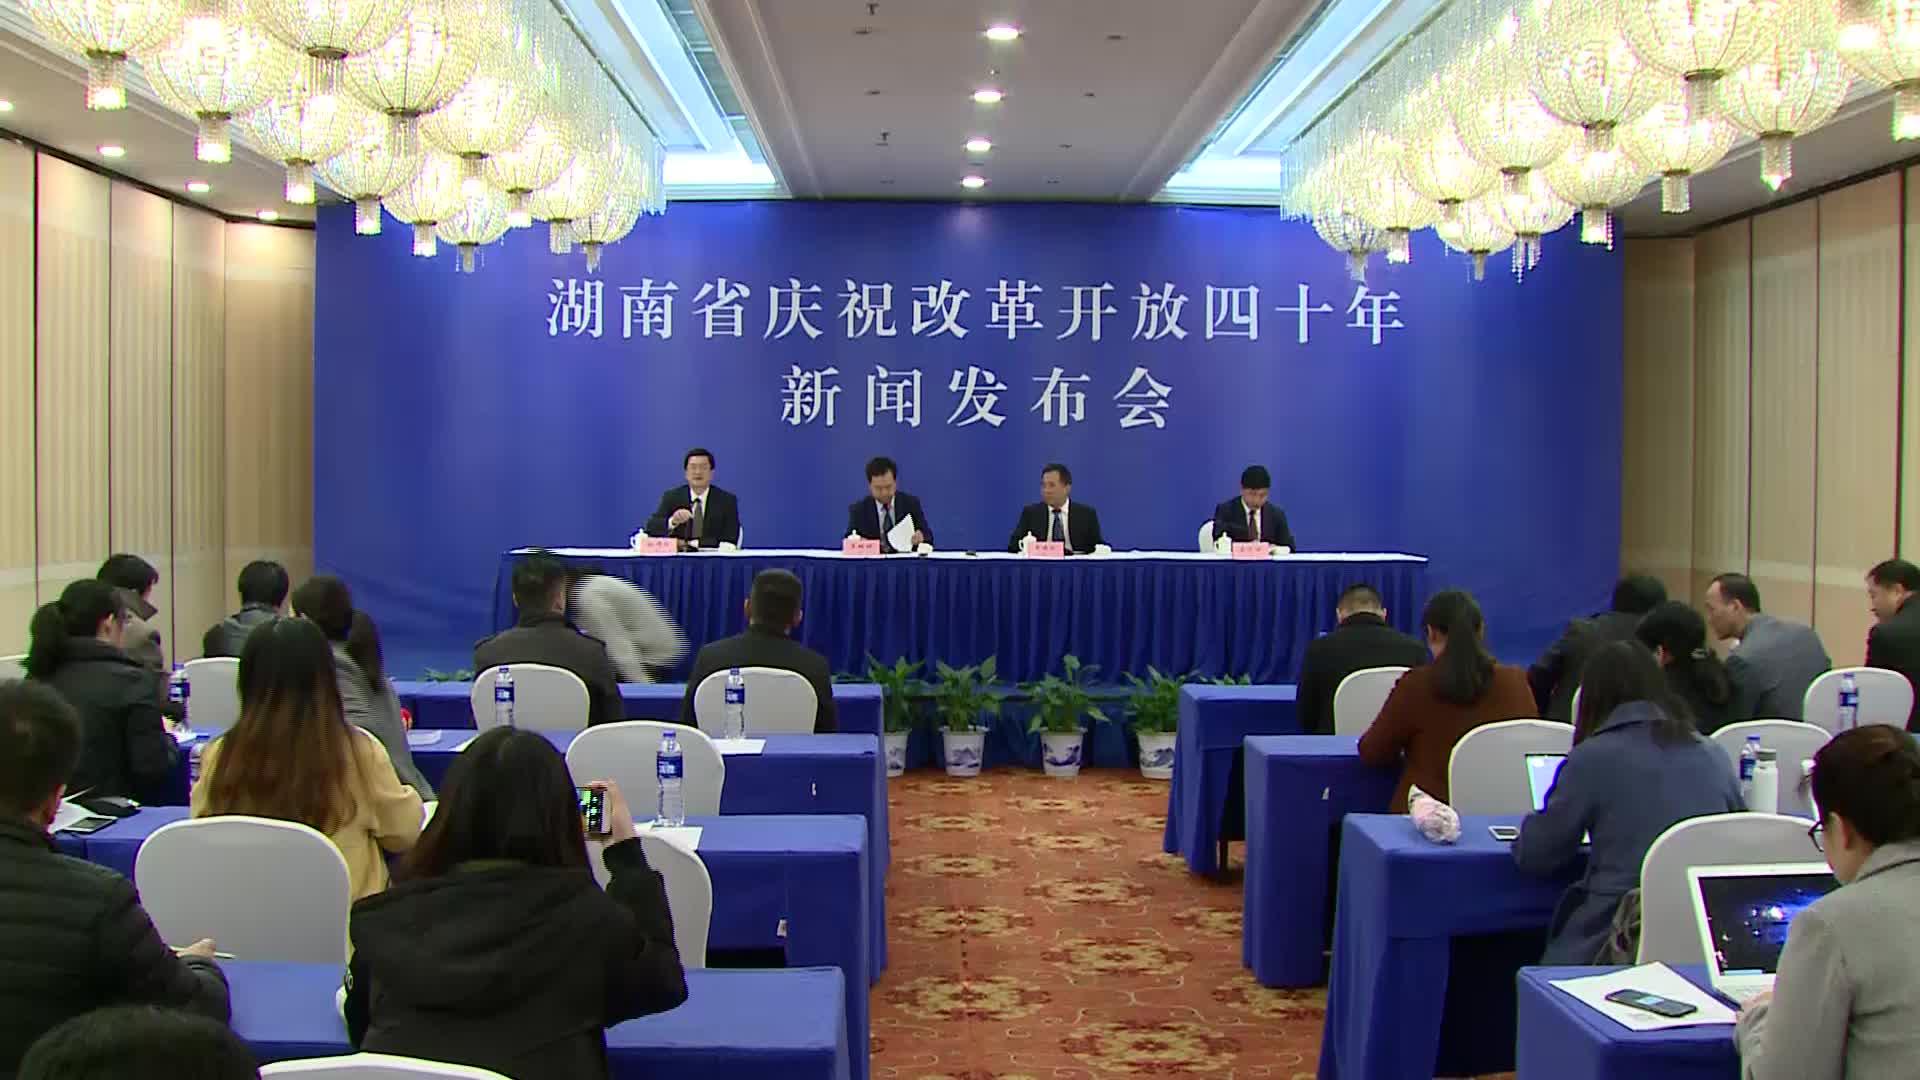 【全程回放】湖南省庆祝改革开放四十年系列新闻发布会:改革开放40年来文化和旅游改革发展成就